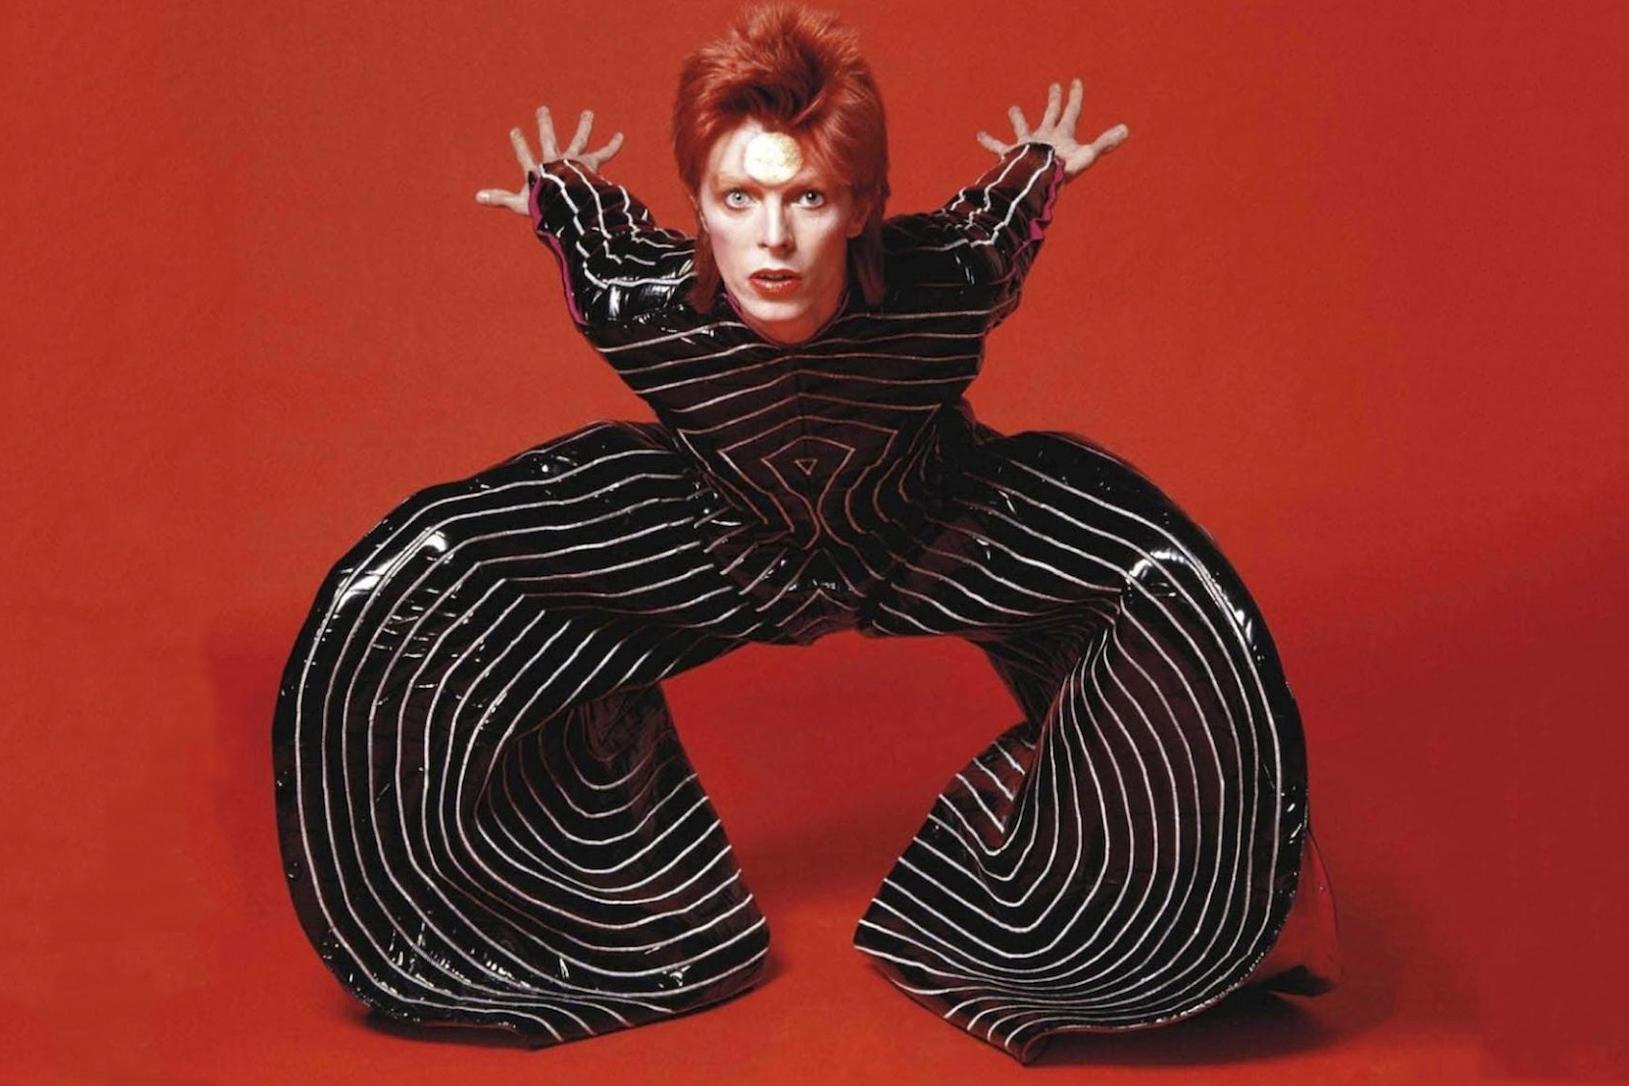 David Bowie vistiendo un diseño de Kansai Yamamoto, 1973 © Masayoshi Sukita